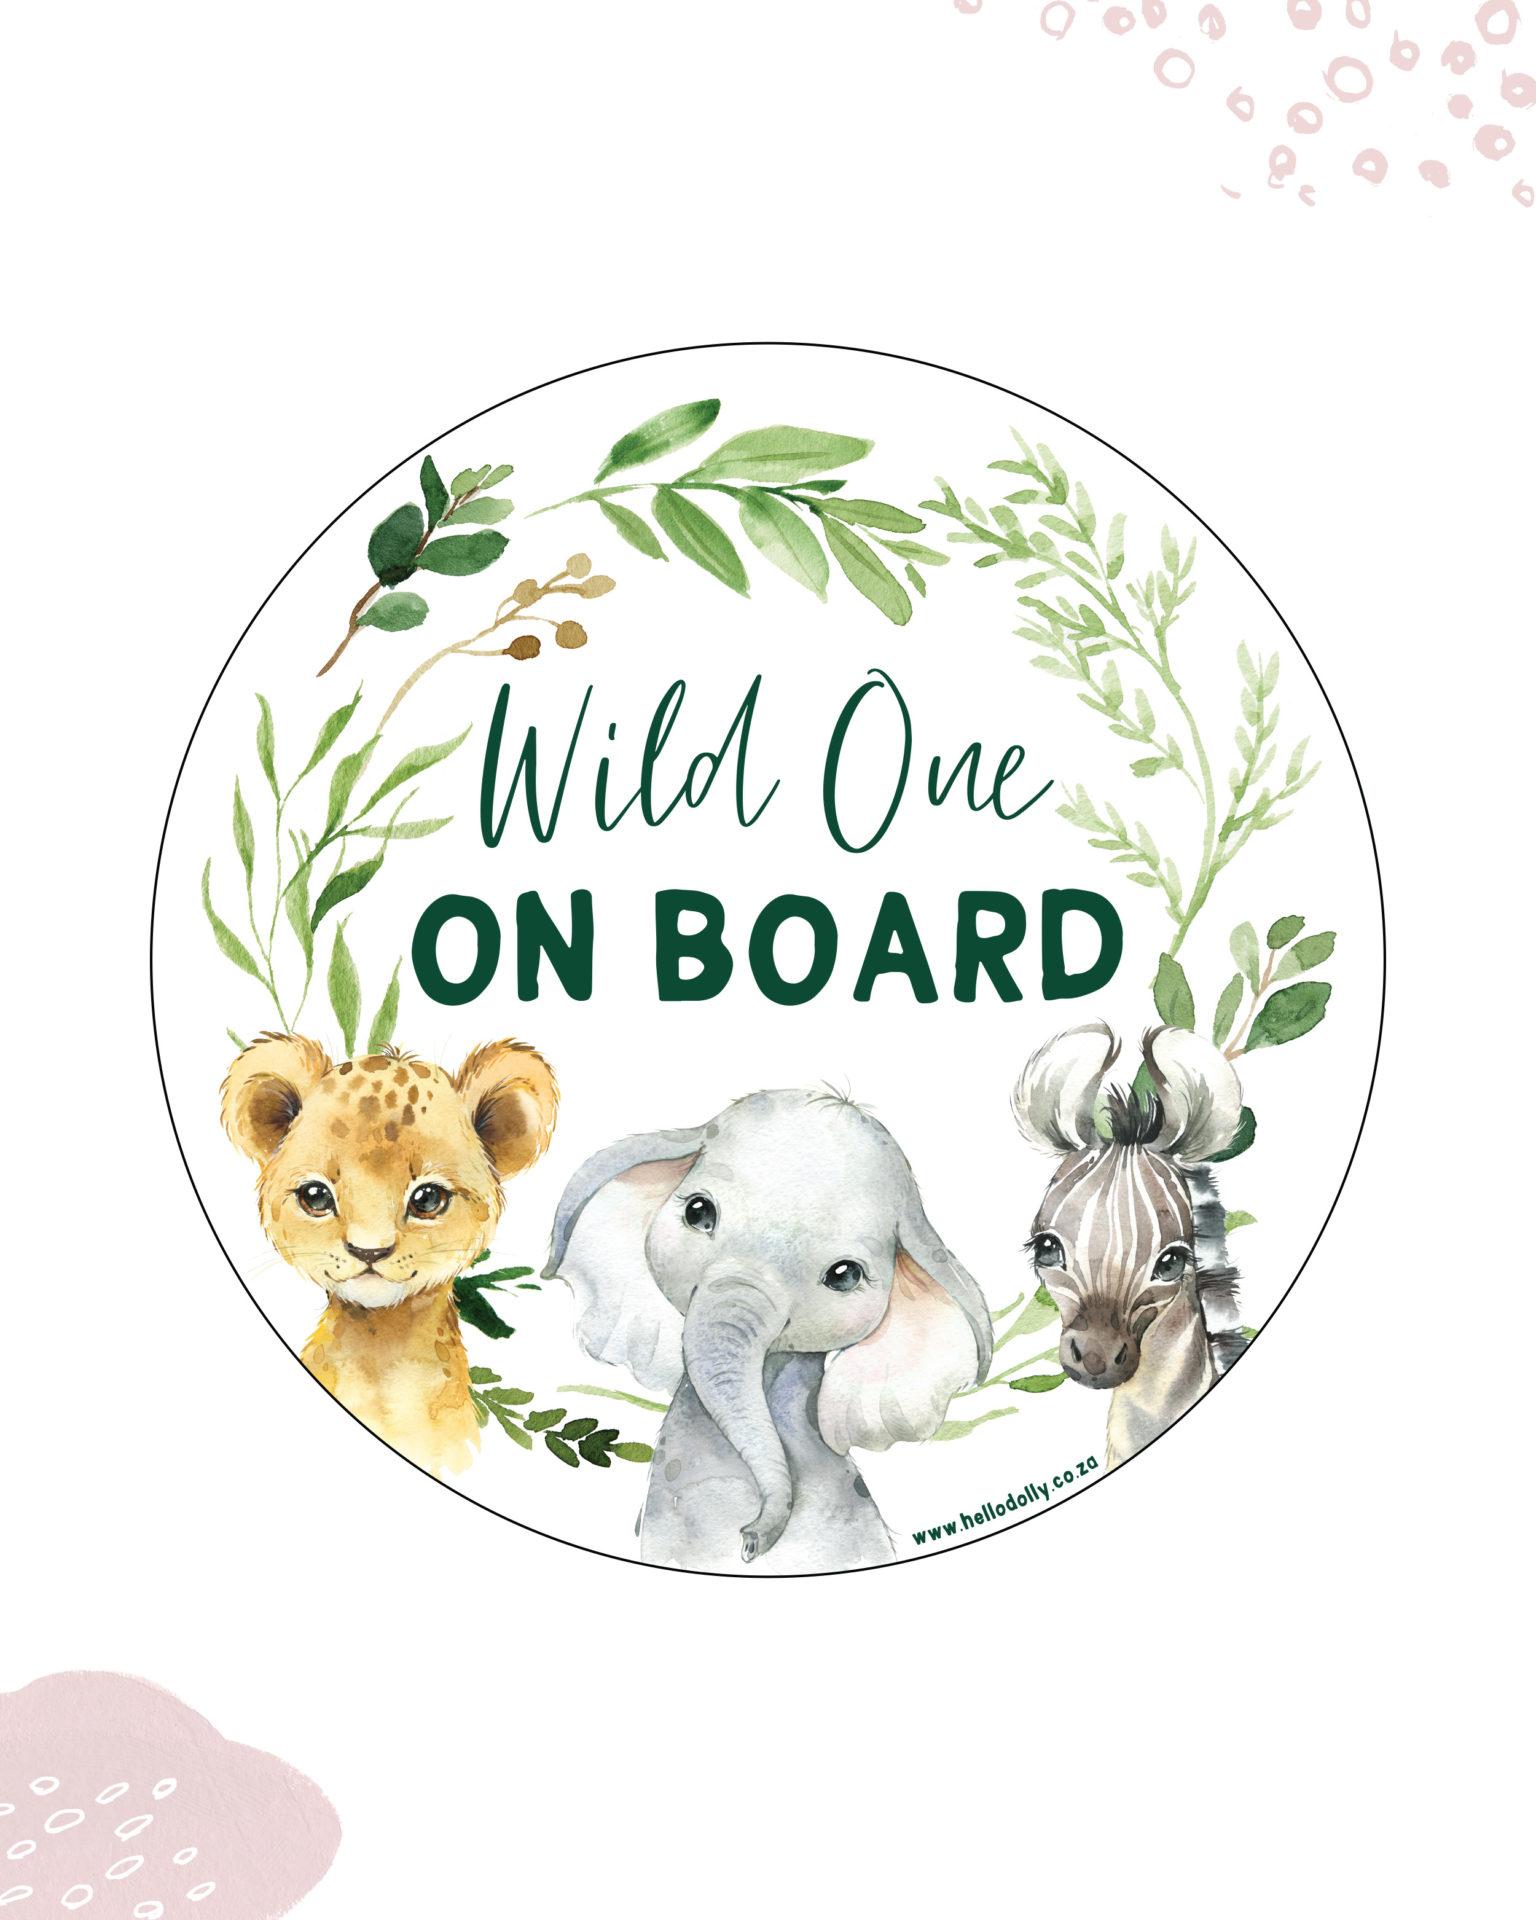 Boy Wild one on board